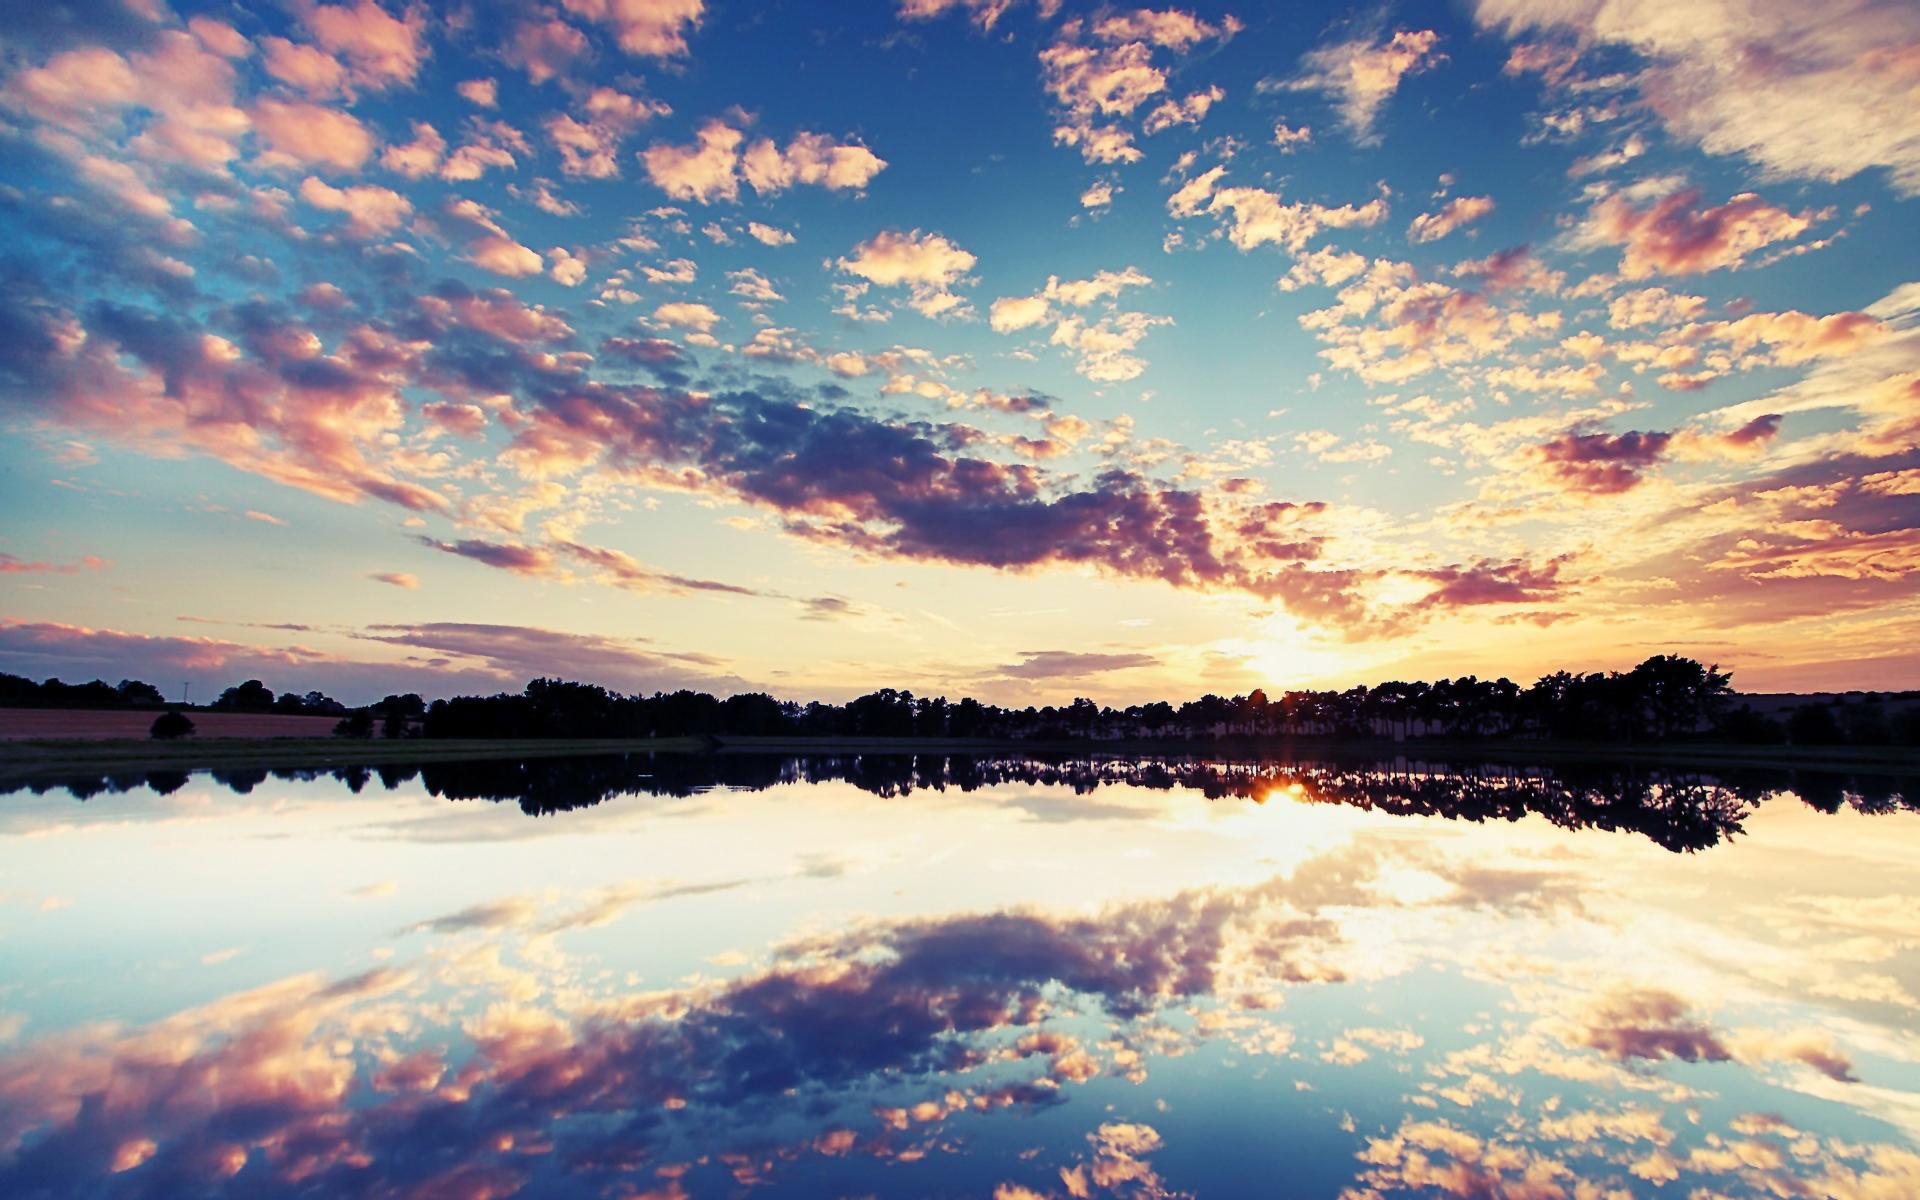 1440x900 sunset lake desktop - photo #45